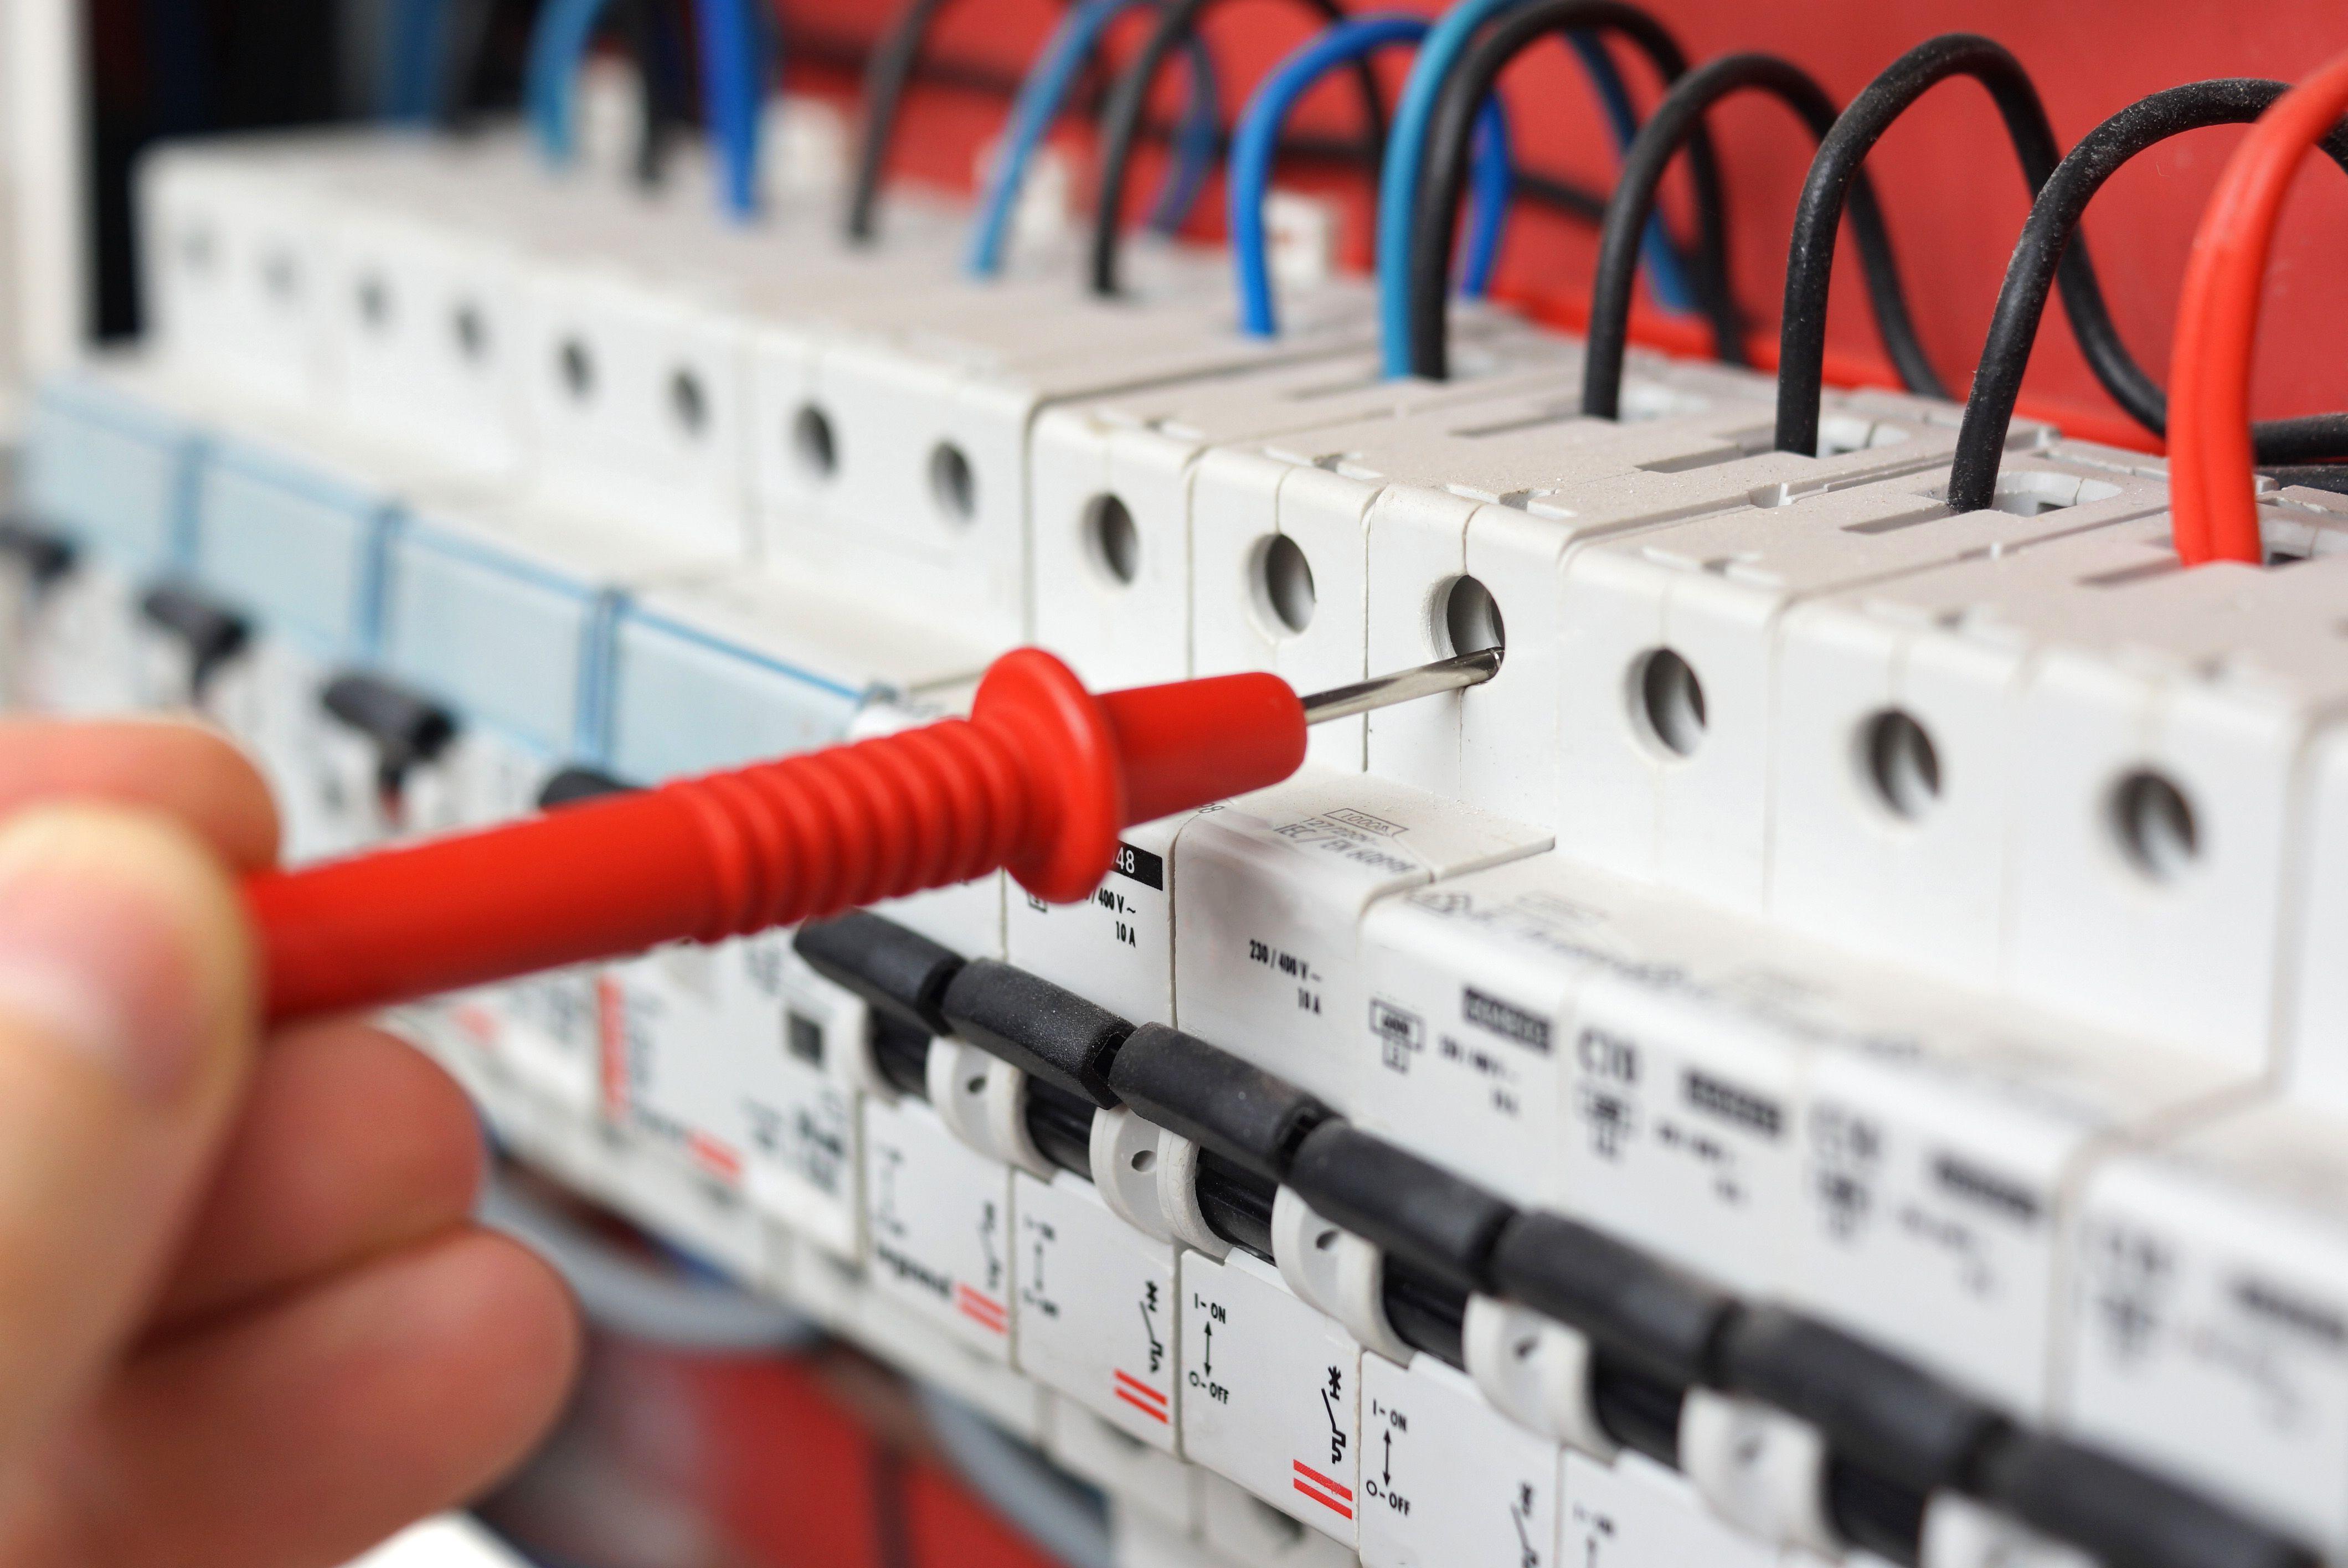 Cuadros eléctricos: Nuestros servicios de Atsantos Montajes Eléctricos